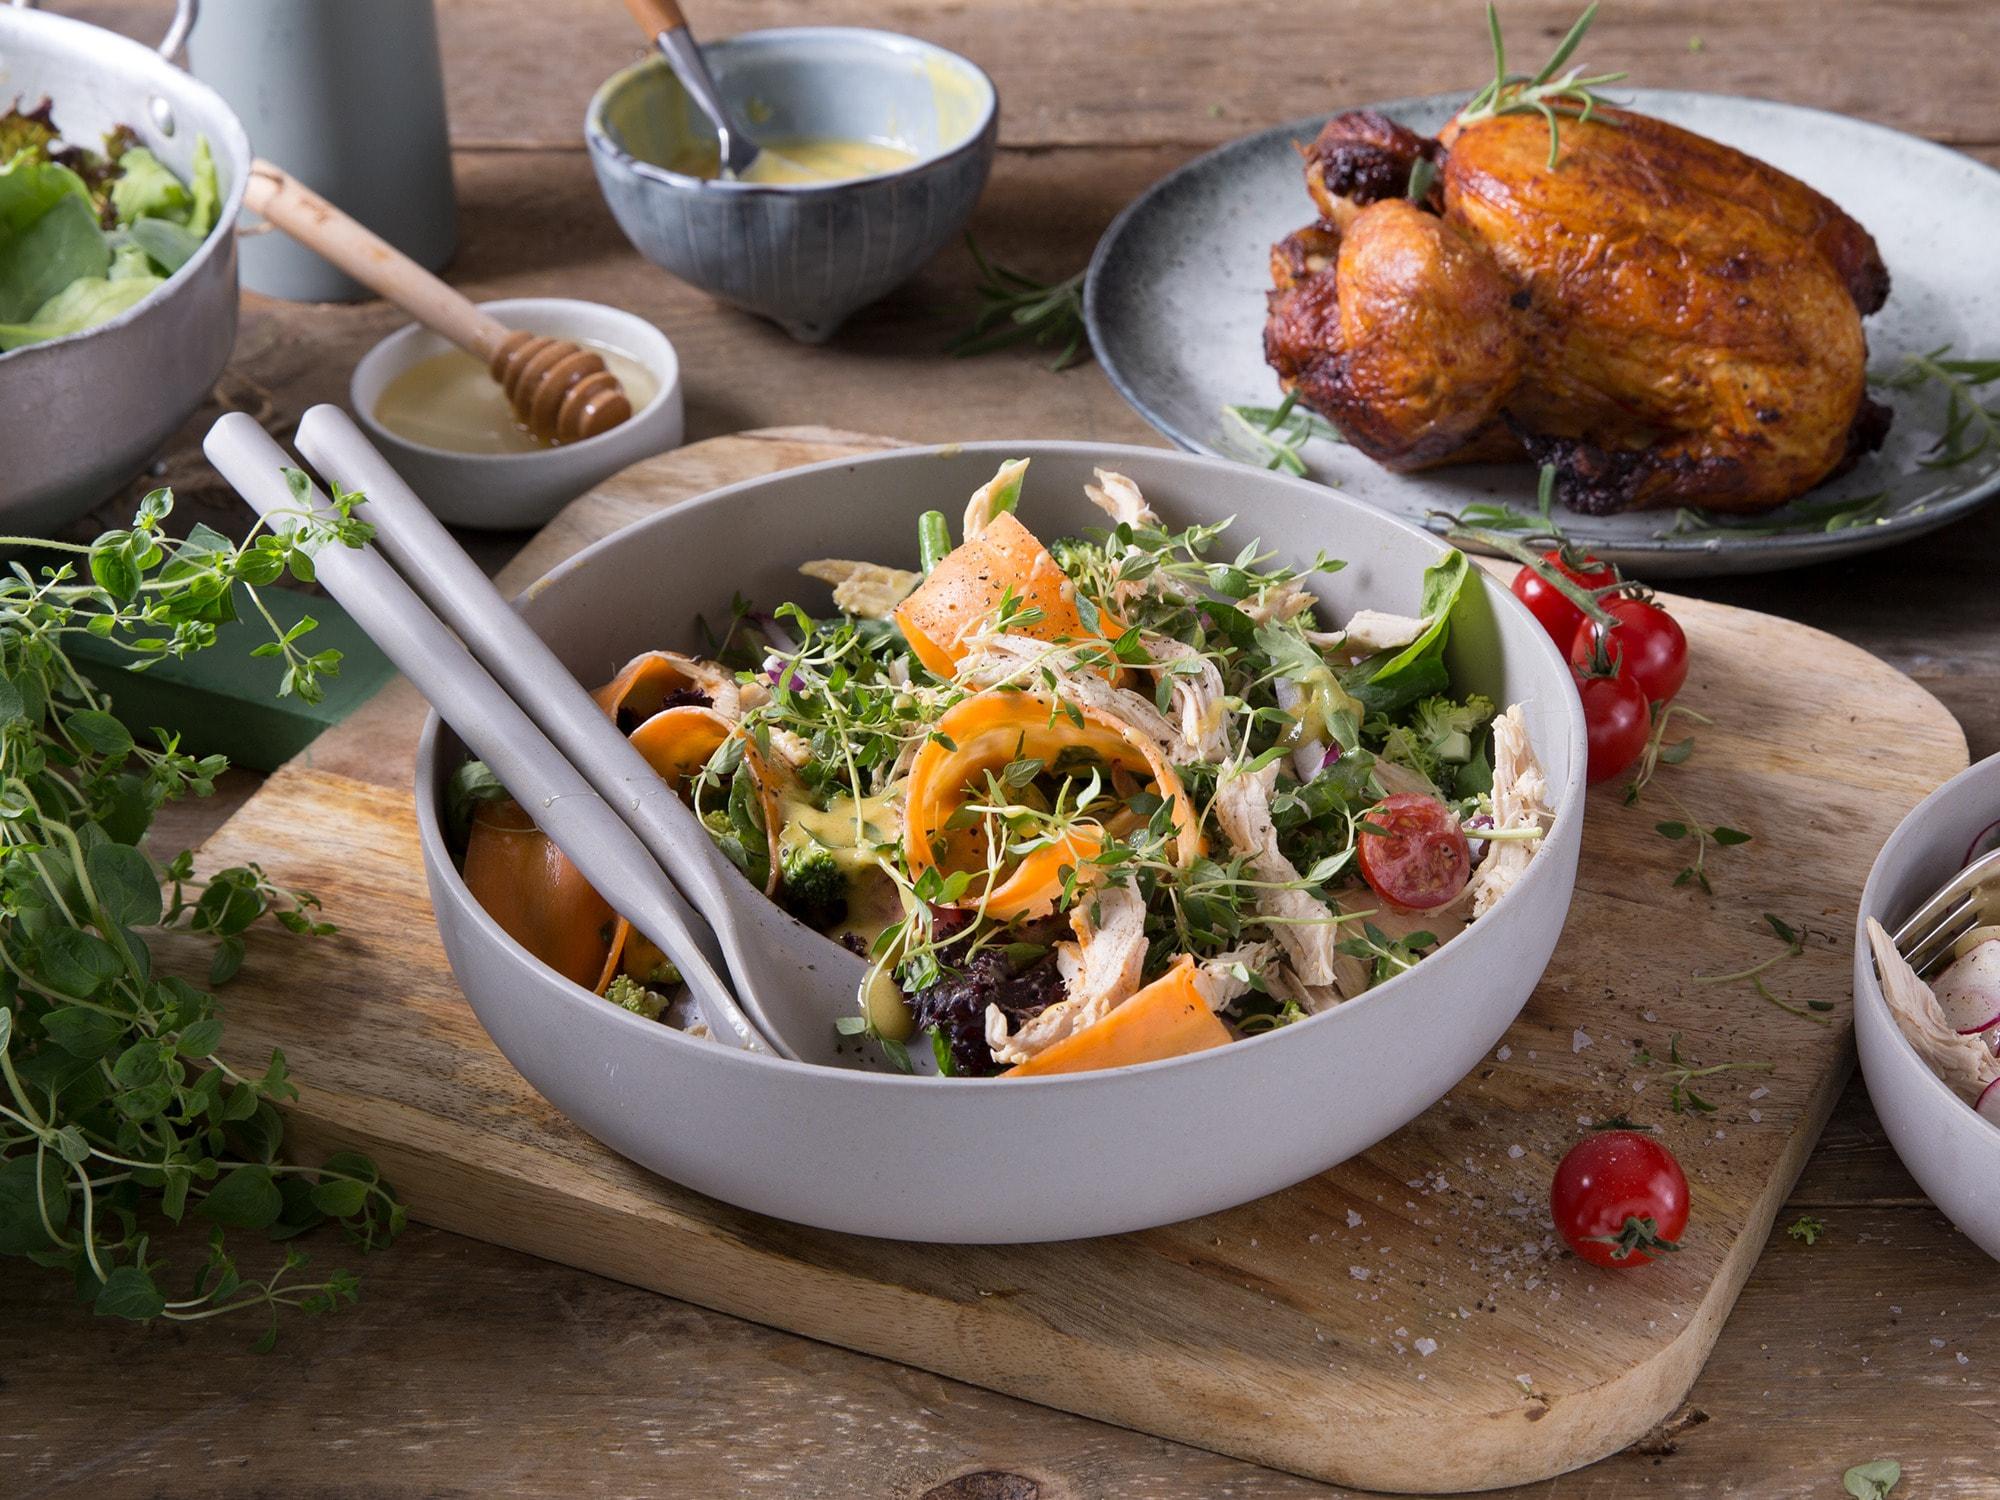 Brunch, Salad, Meal, Ingredient, Cuisine, Food, Dish